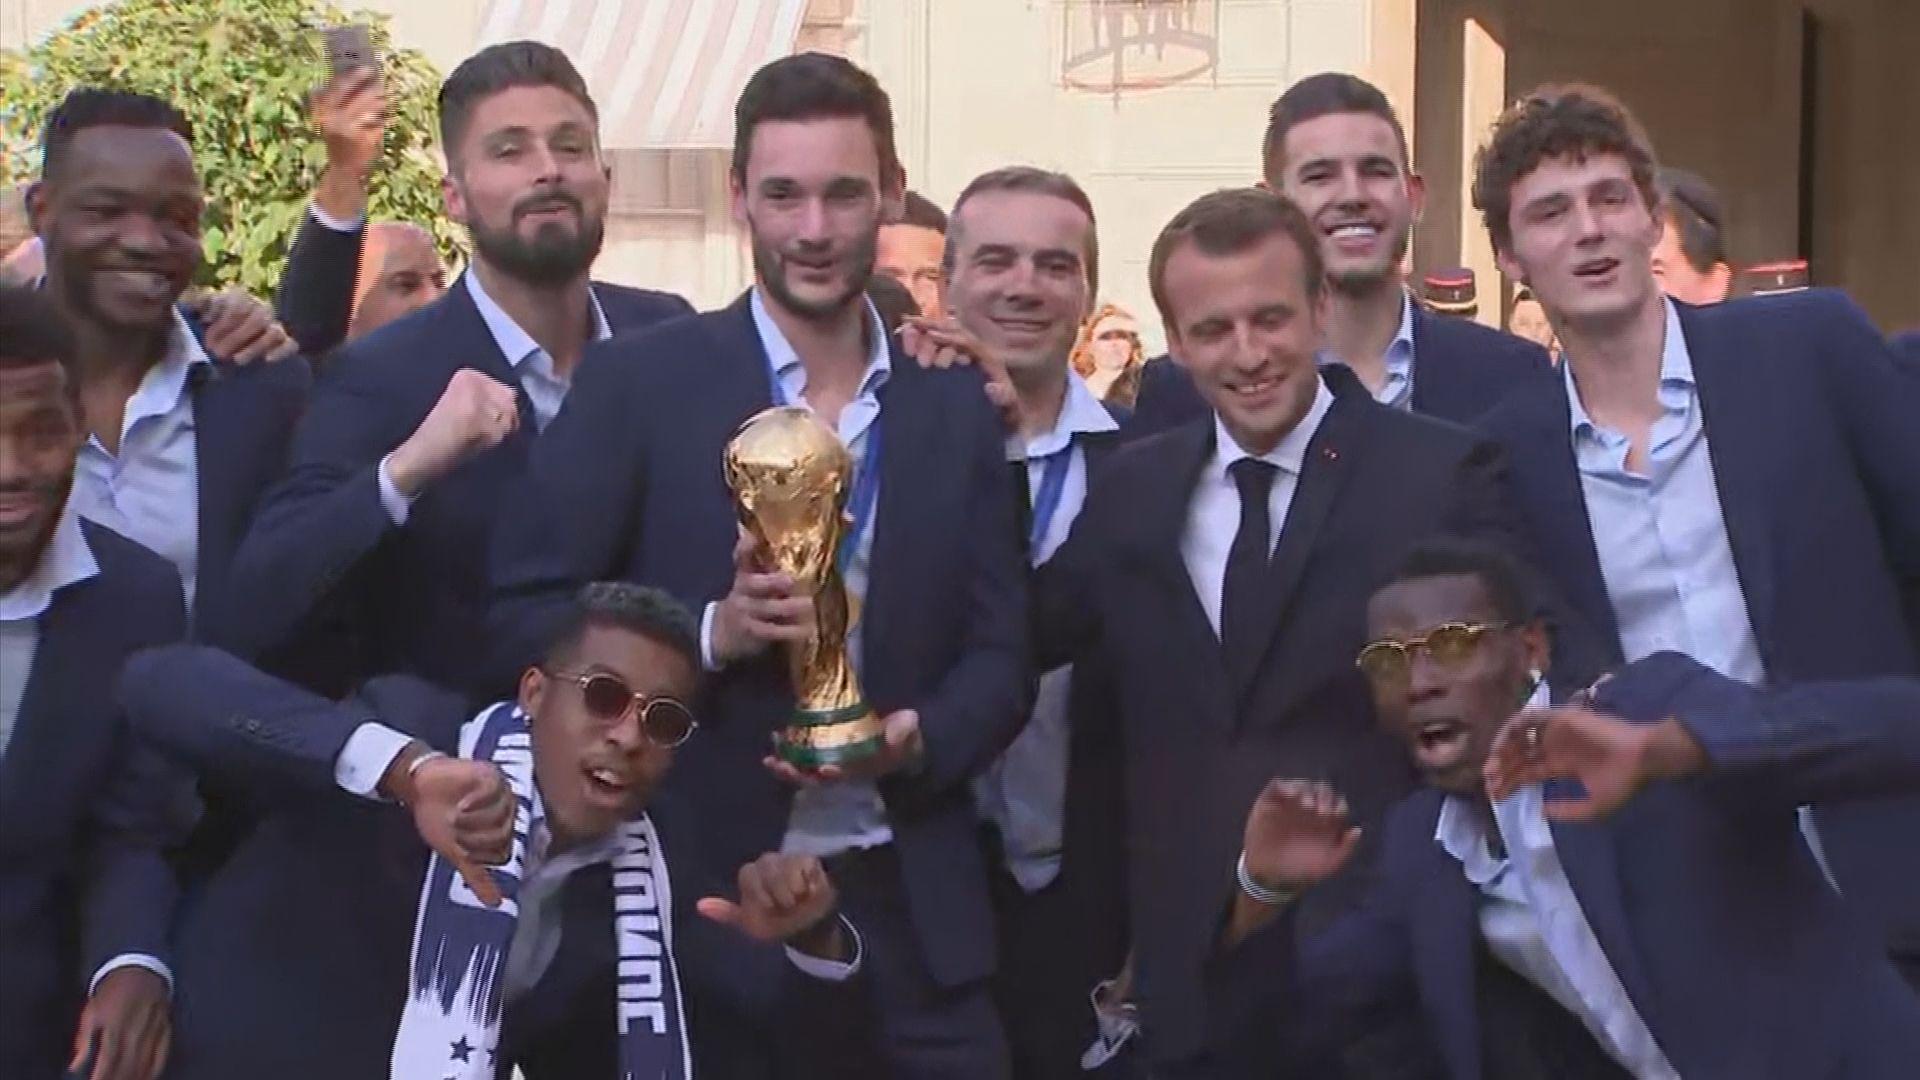 法國隊奪世界盃後將授榮譽軍團勳章